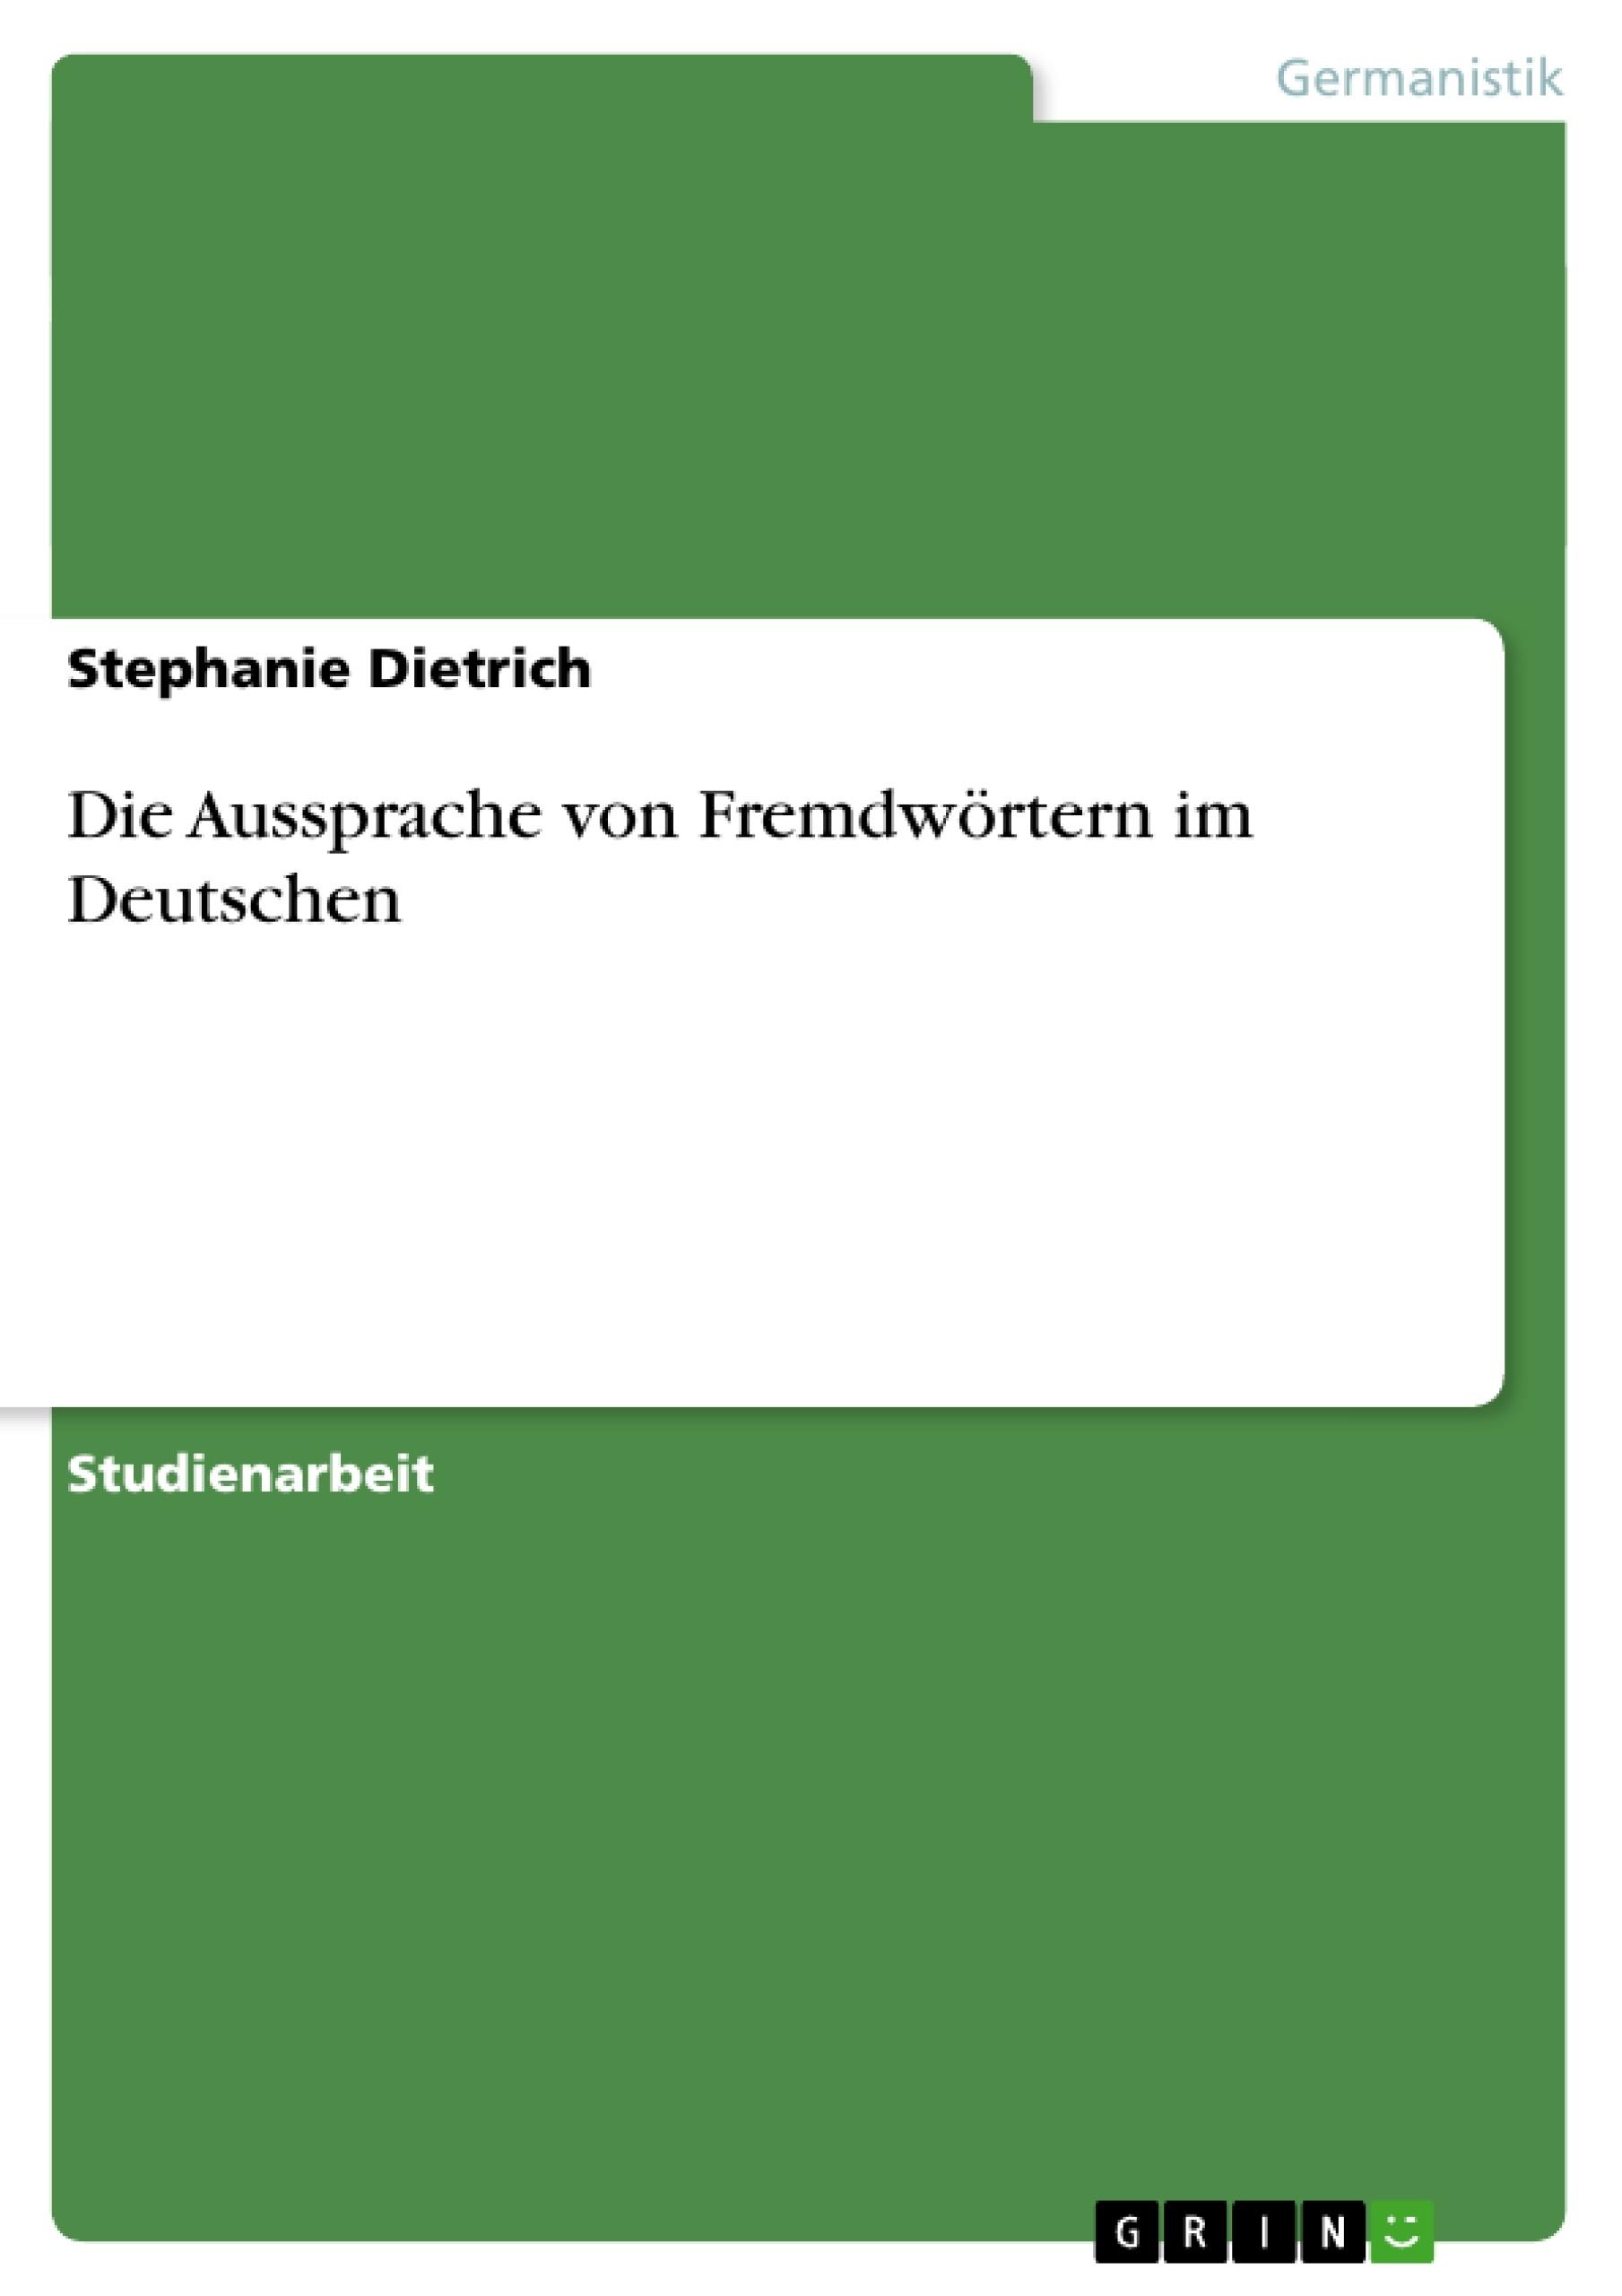 Titel: Die Aussprache von Fremdwörtern im Deutschen